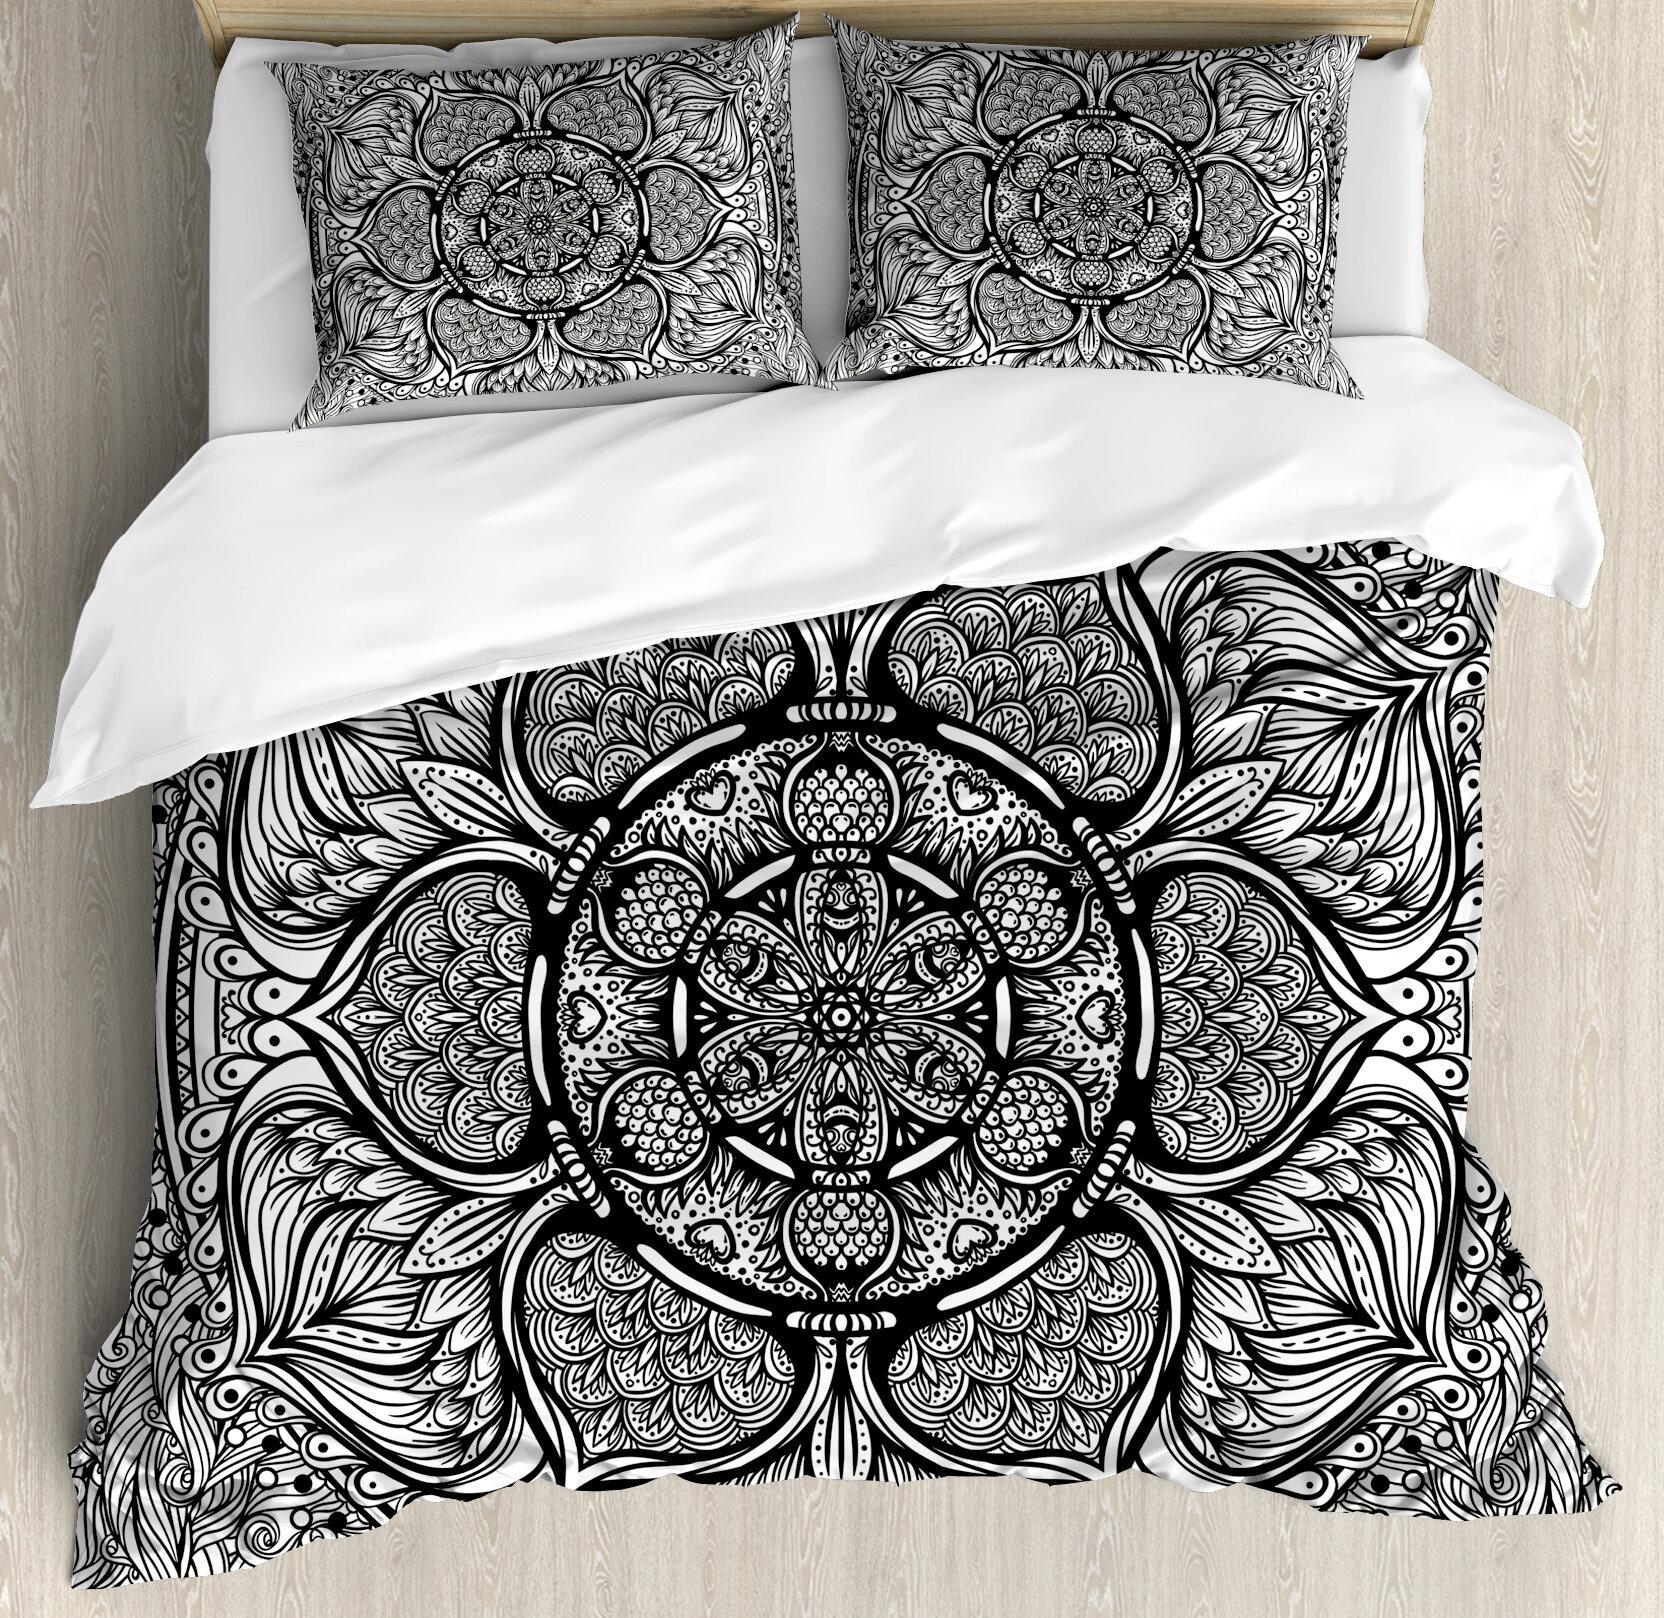 Bedding Super King Size Reversible Bedding Set Quilt Duvet Cover Mandala Indian Blanket Home Furniture Diy Mhg Co Ke